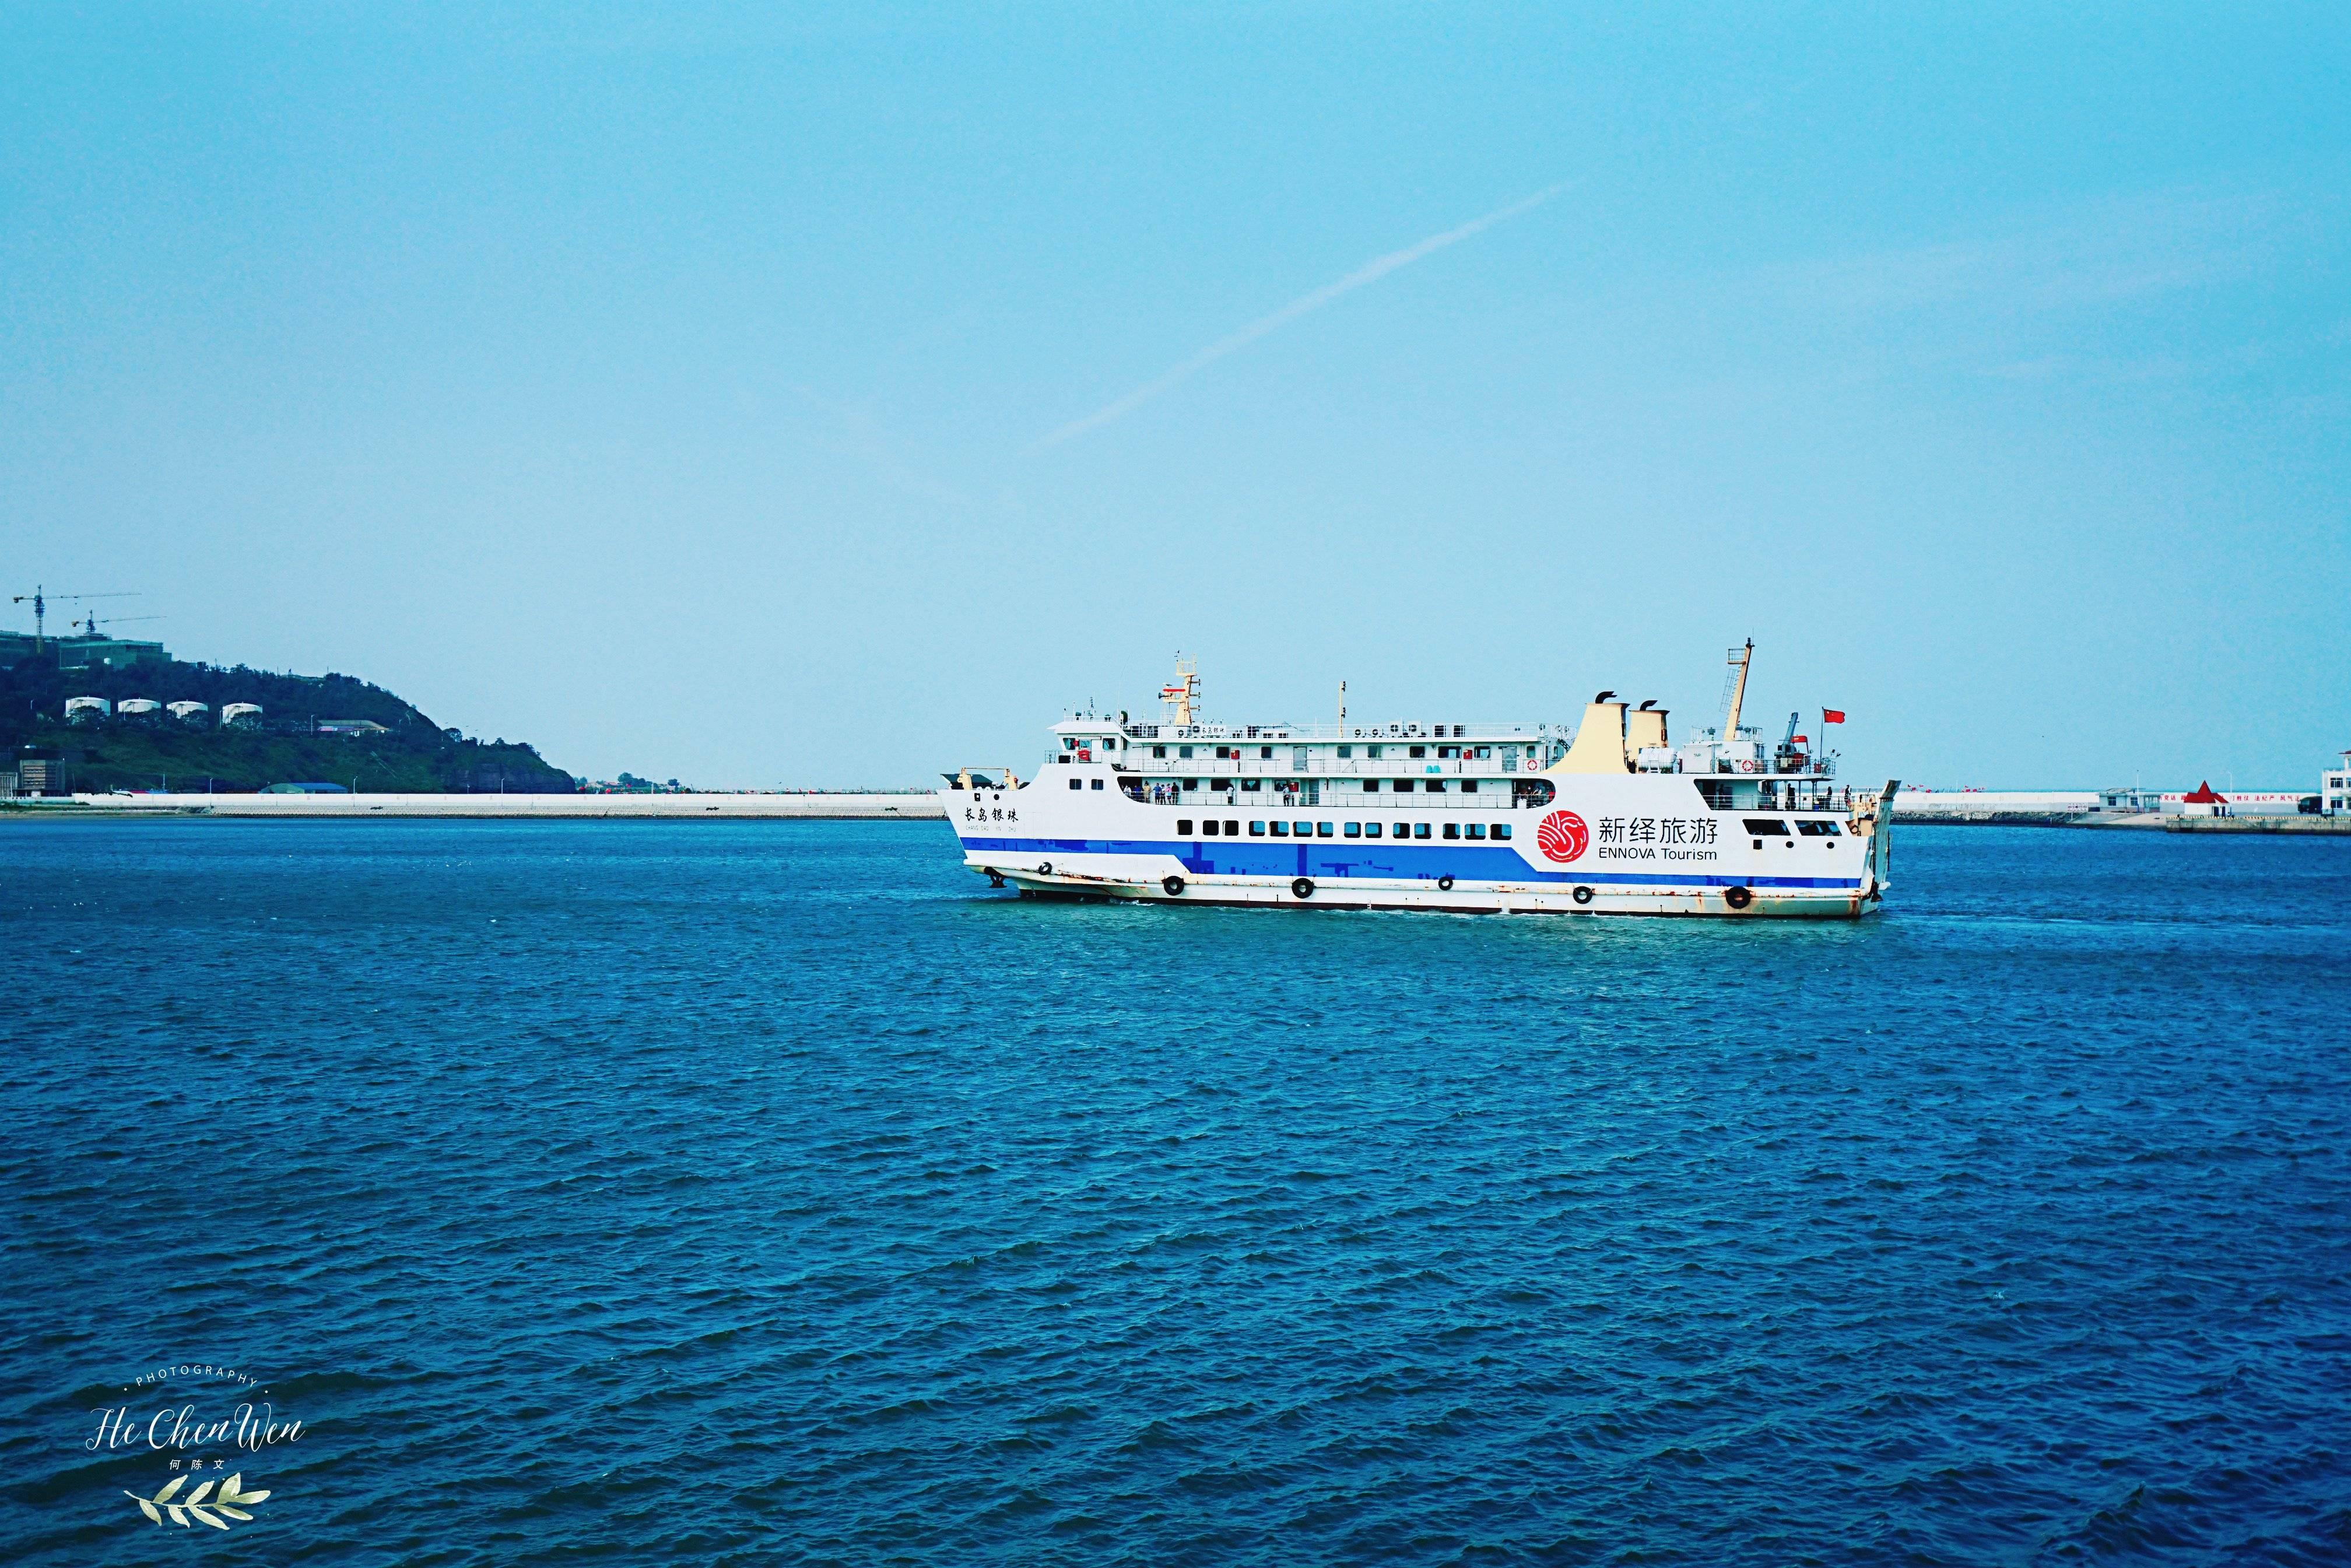 原创             中国十大最美海岛之一,遍布奇礁怪石,秀峰林立,游客:太美了